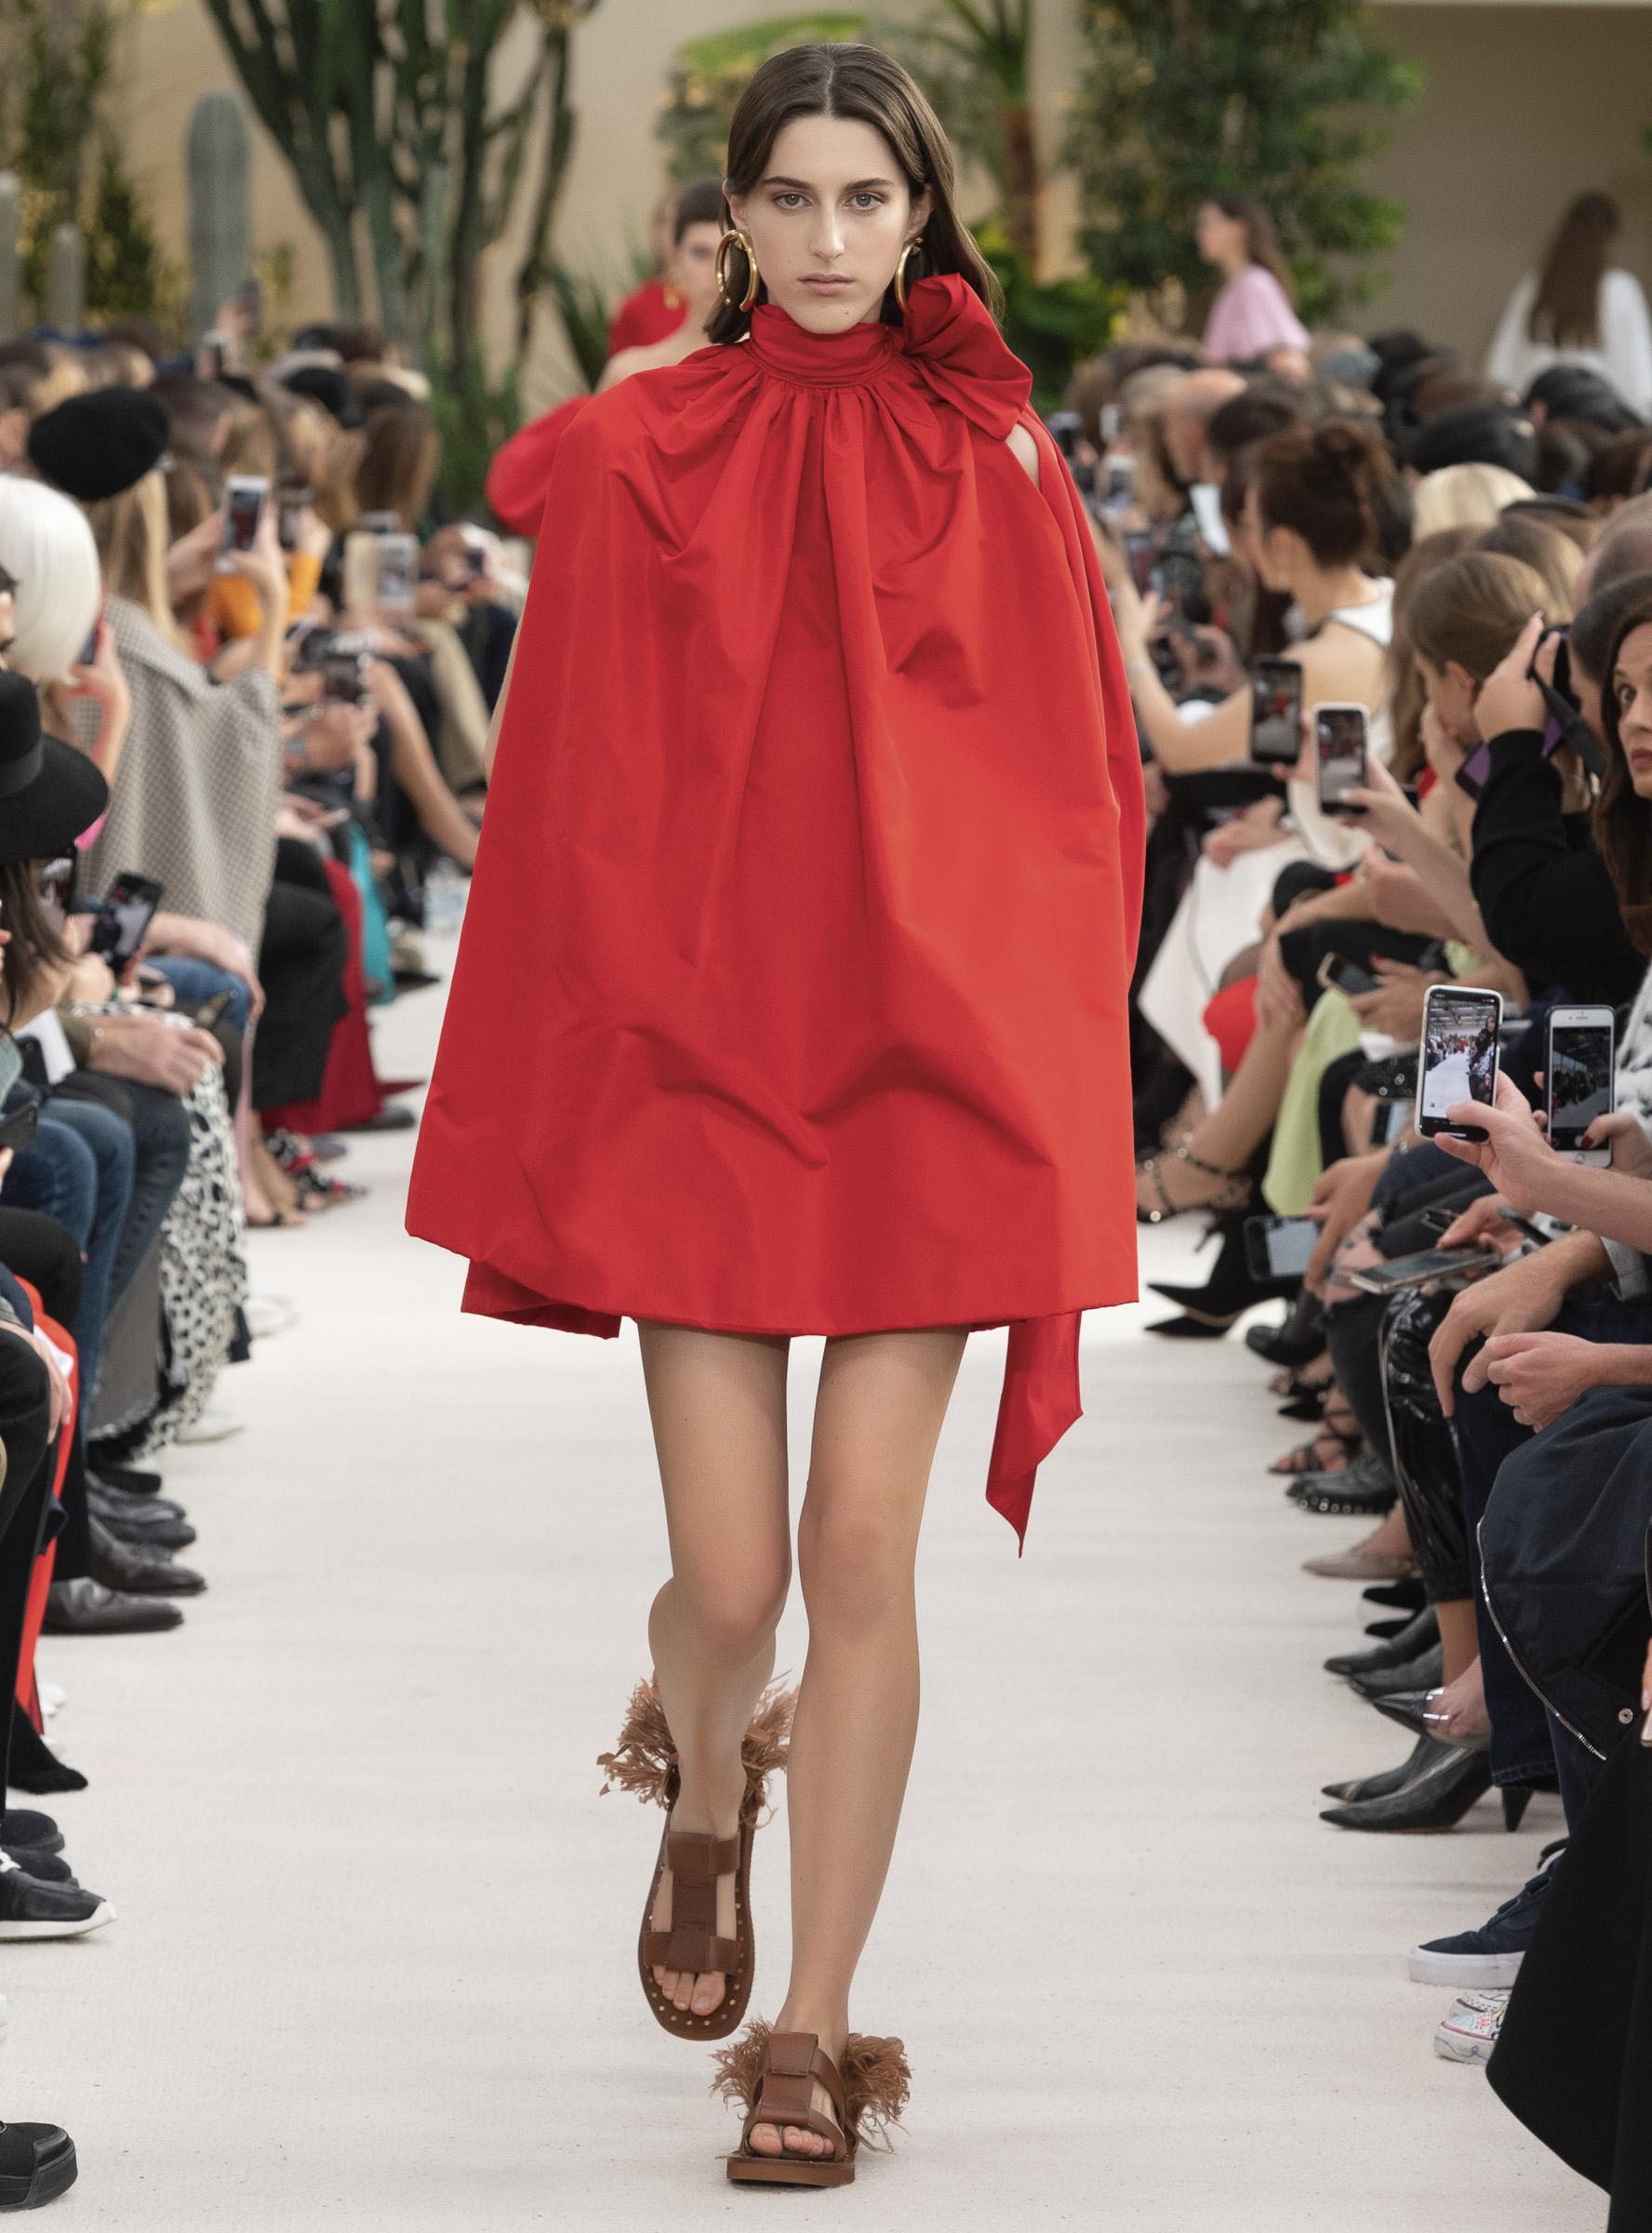 芸能人が第69回NHK紅白歌合戦で着用した衣装ワンピース